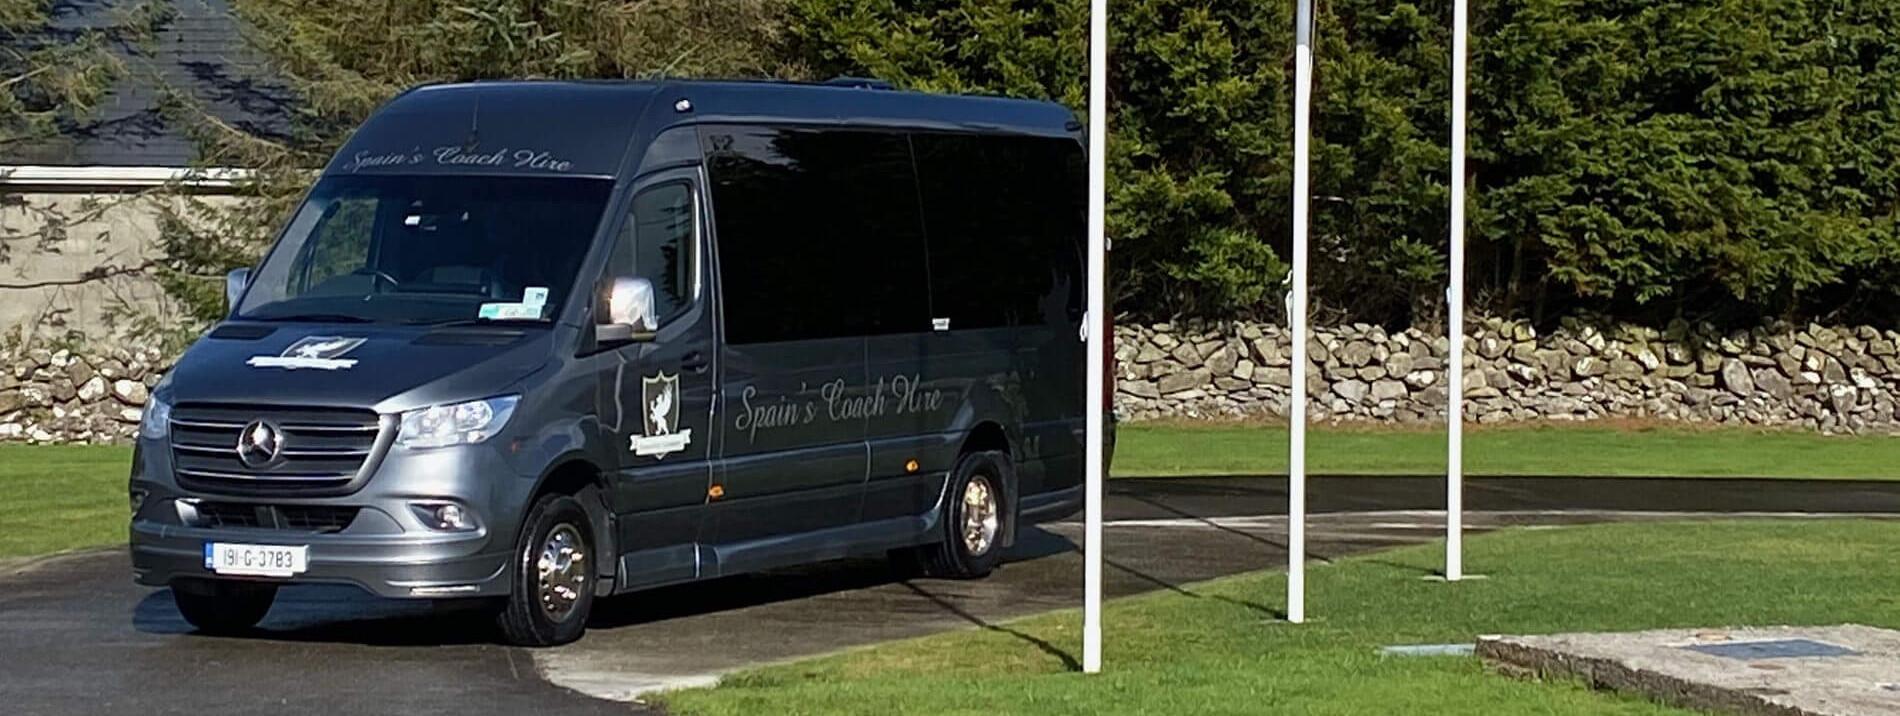 Luxury Irish Tours Cars